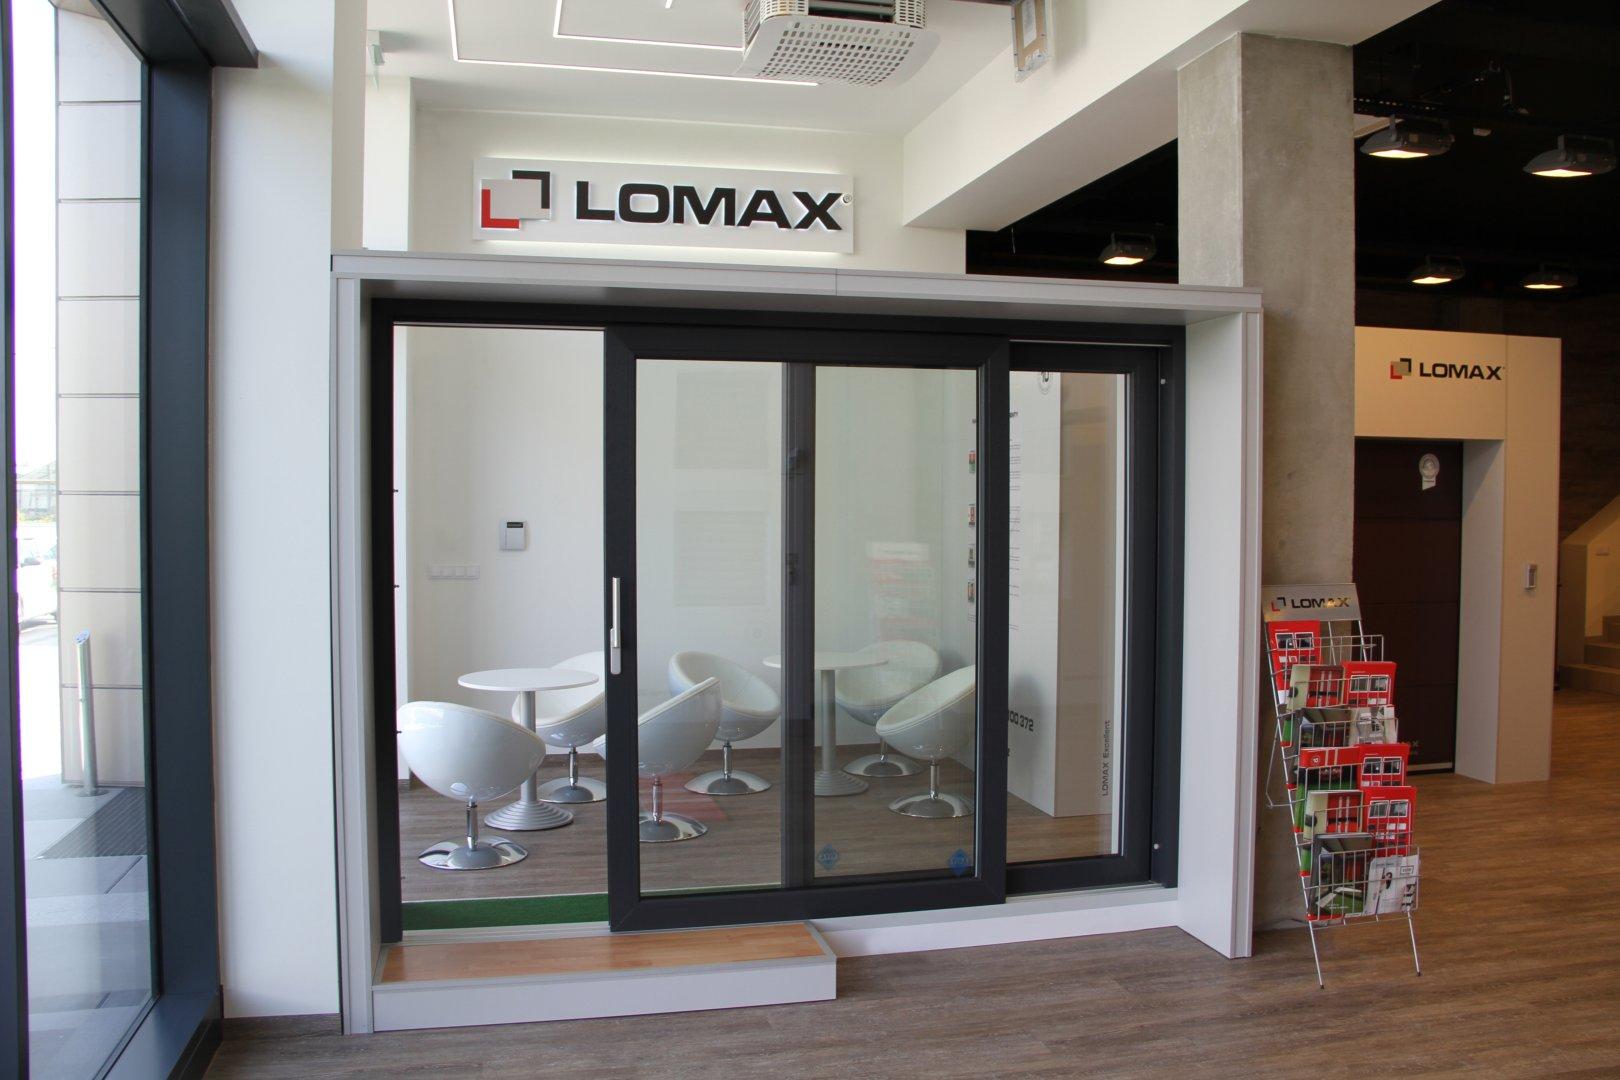 Vchodové hliníkové dveře LOMAX Aktiv 77 slide 1